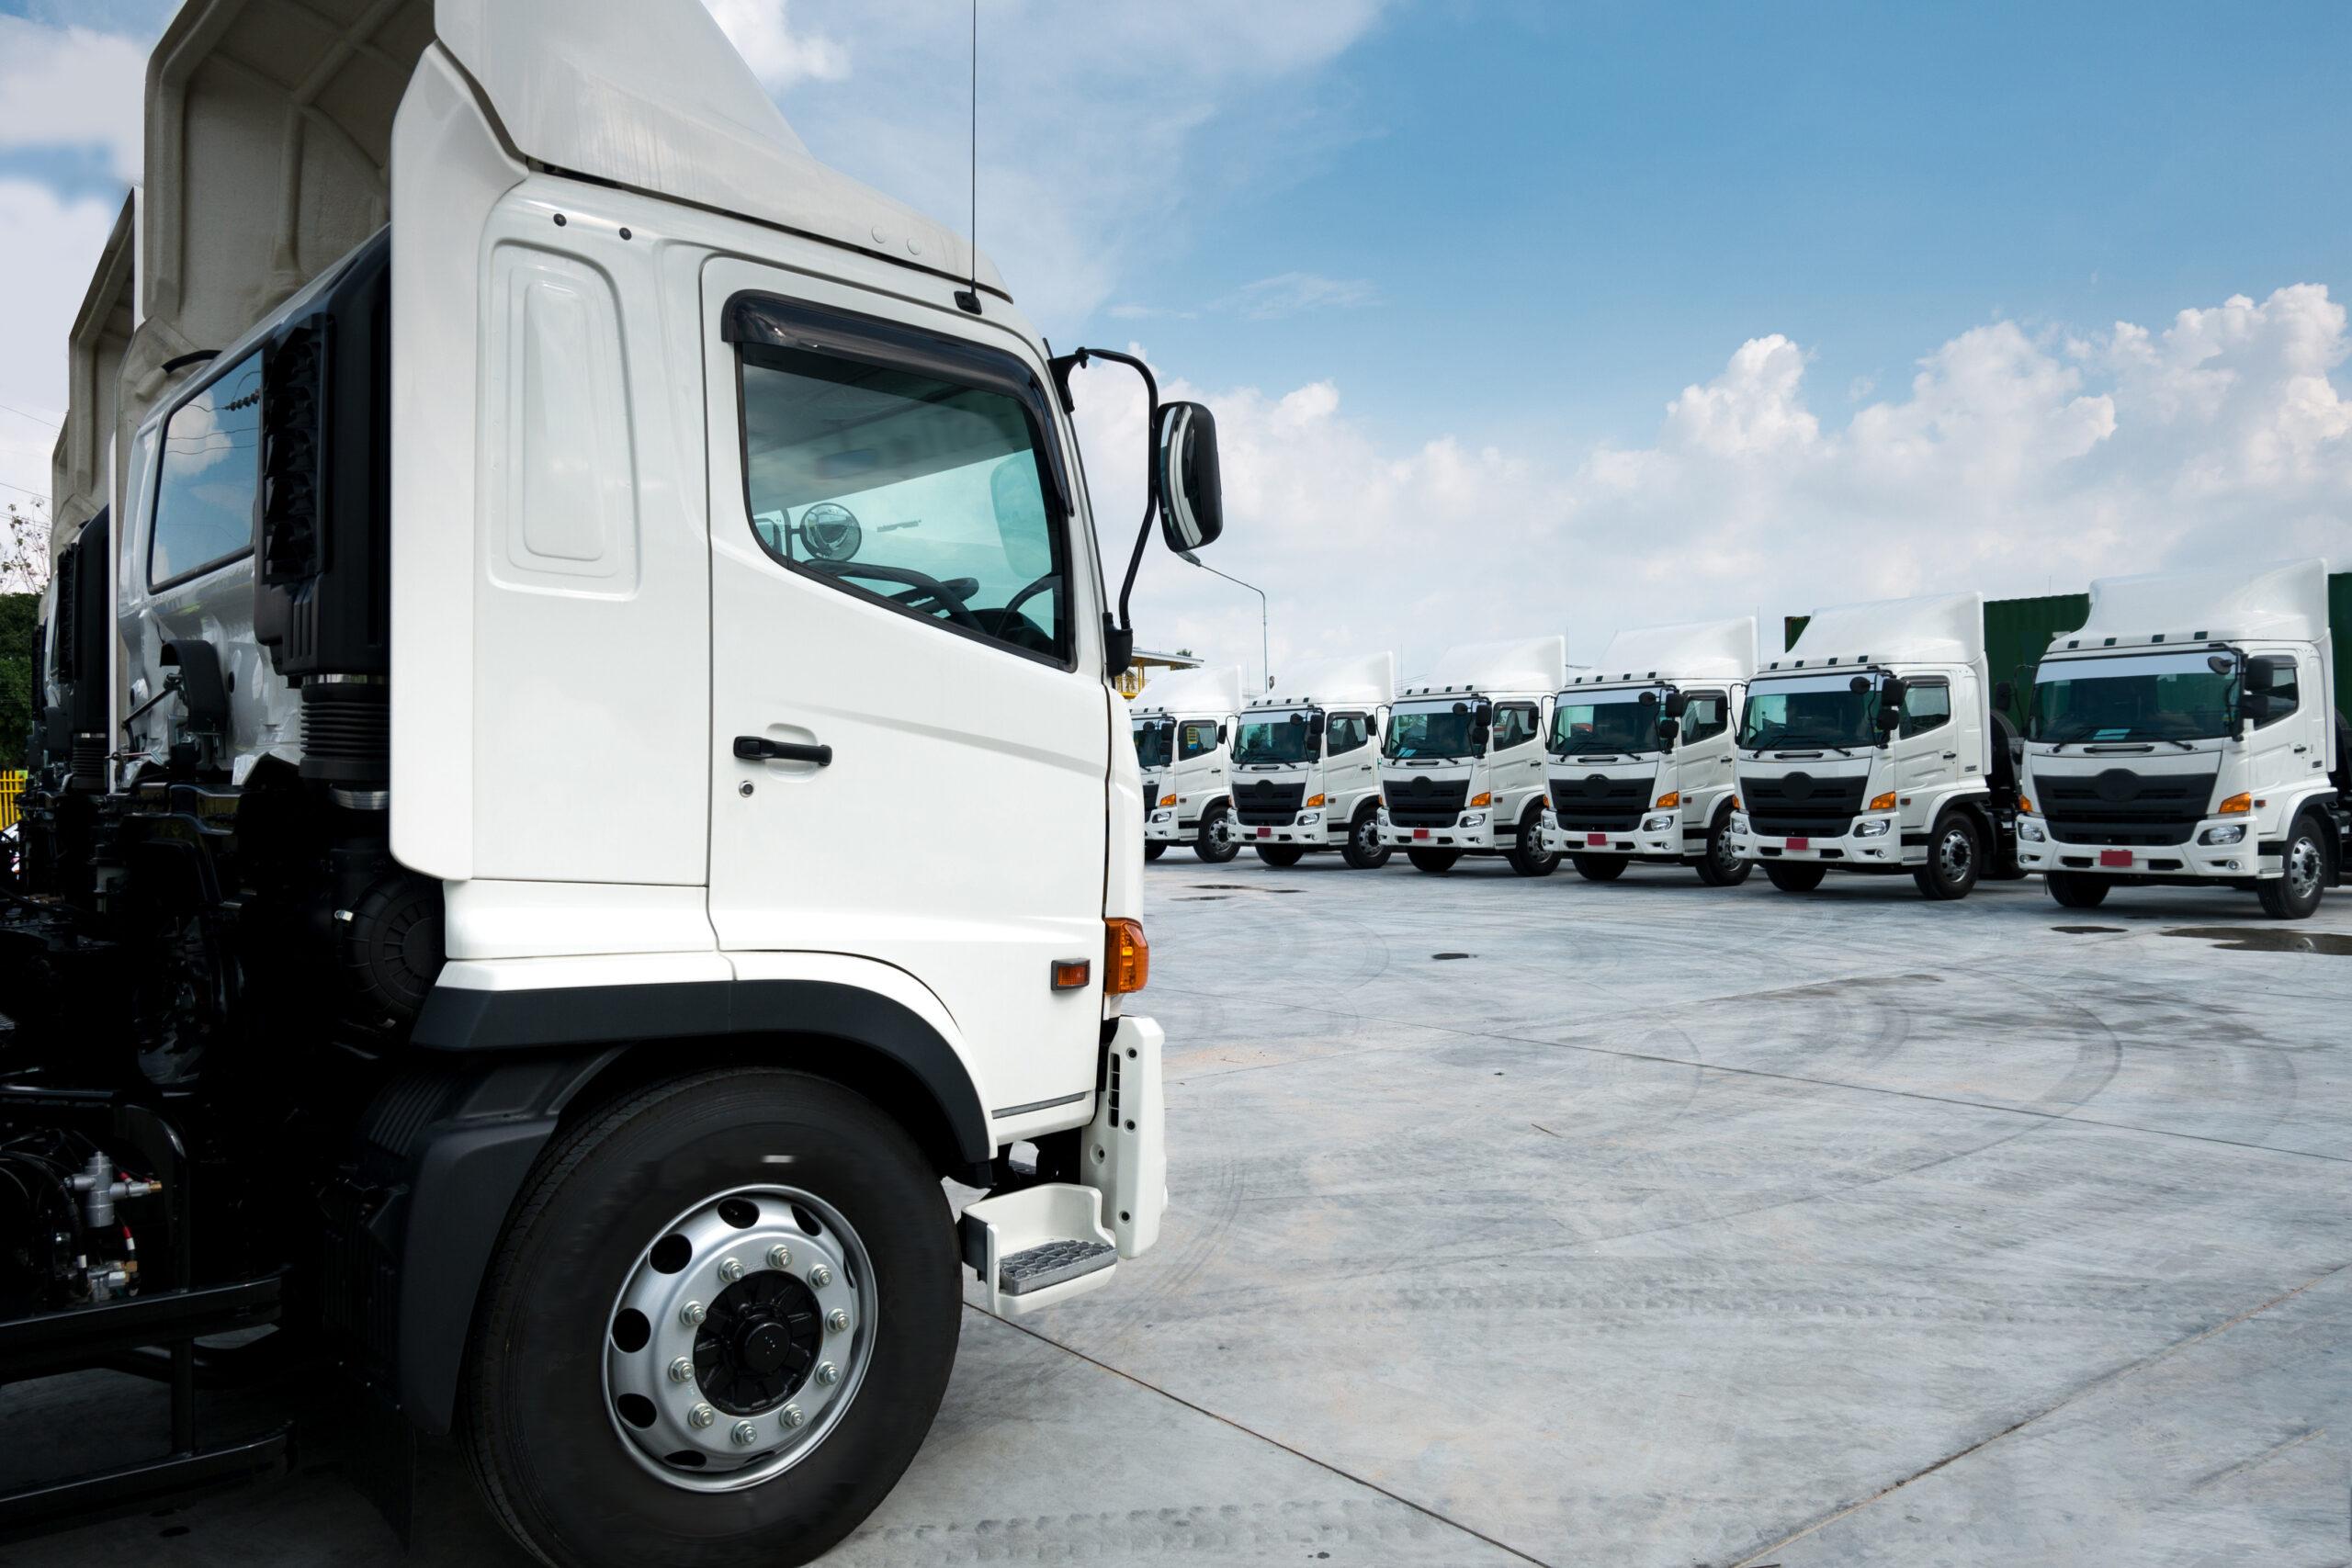 ООО «СТТК»: как компания оптимизирует контроль расходов на топливо для 40 транспортных средств